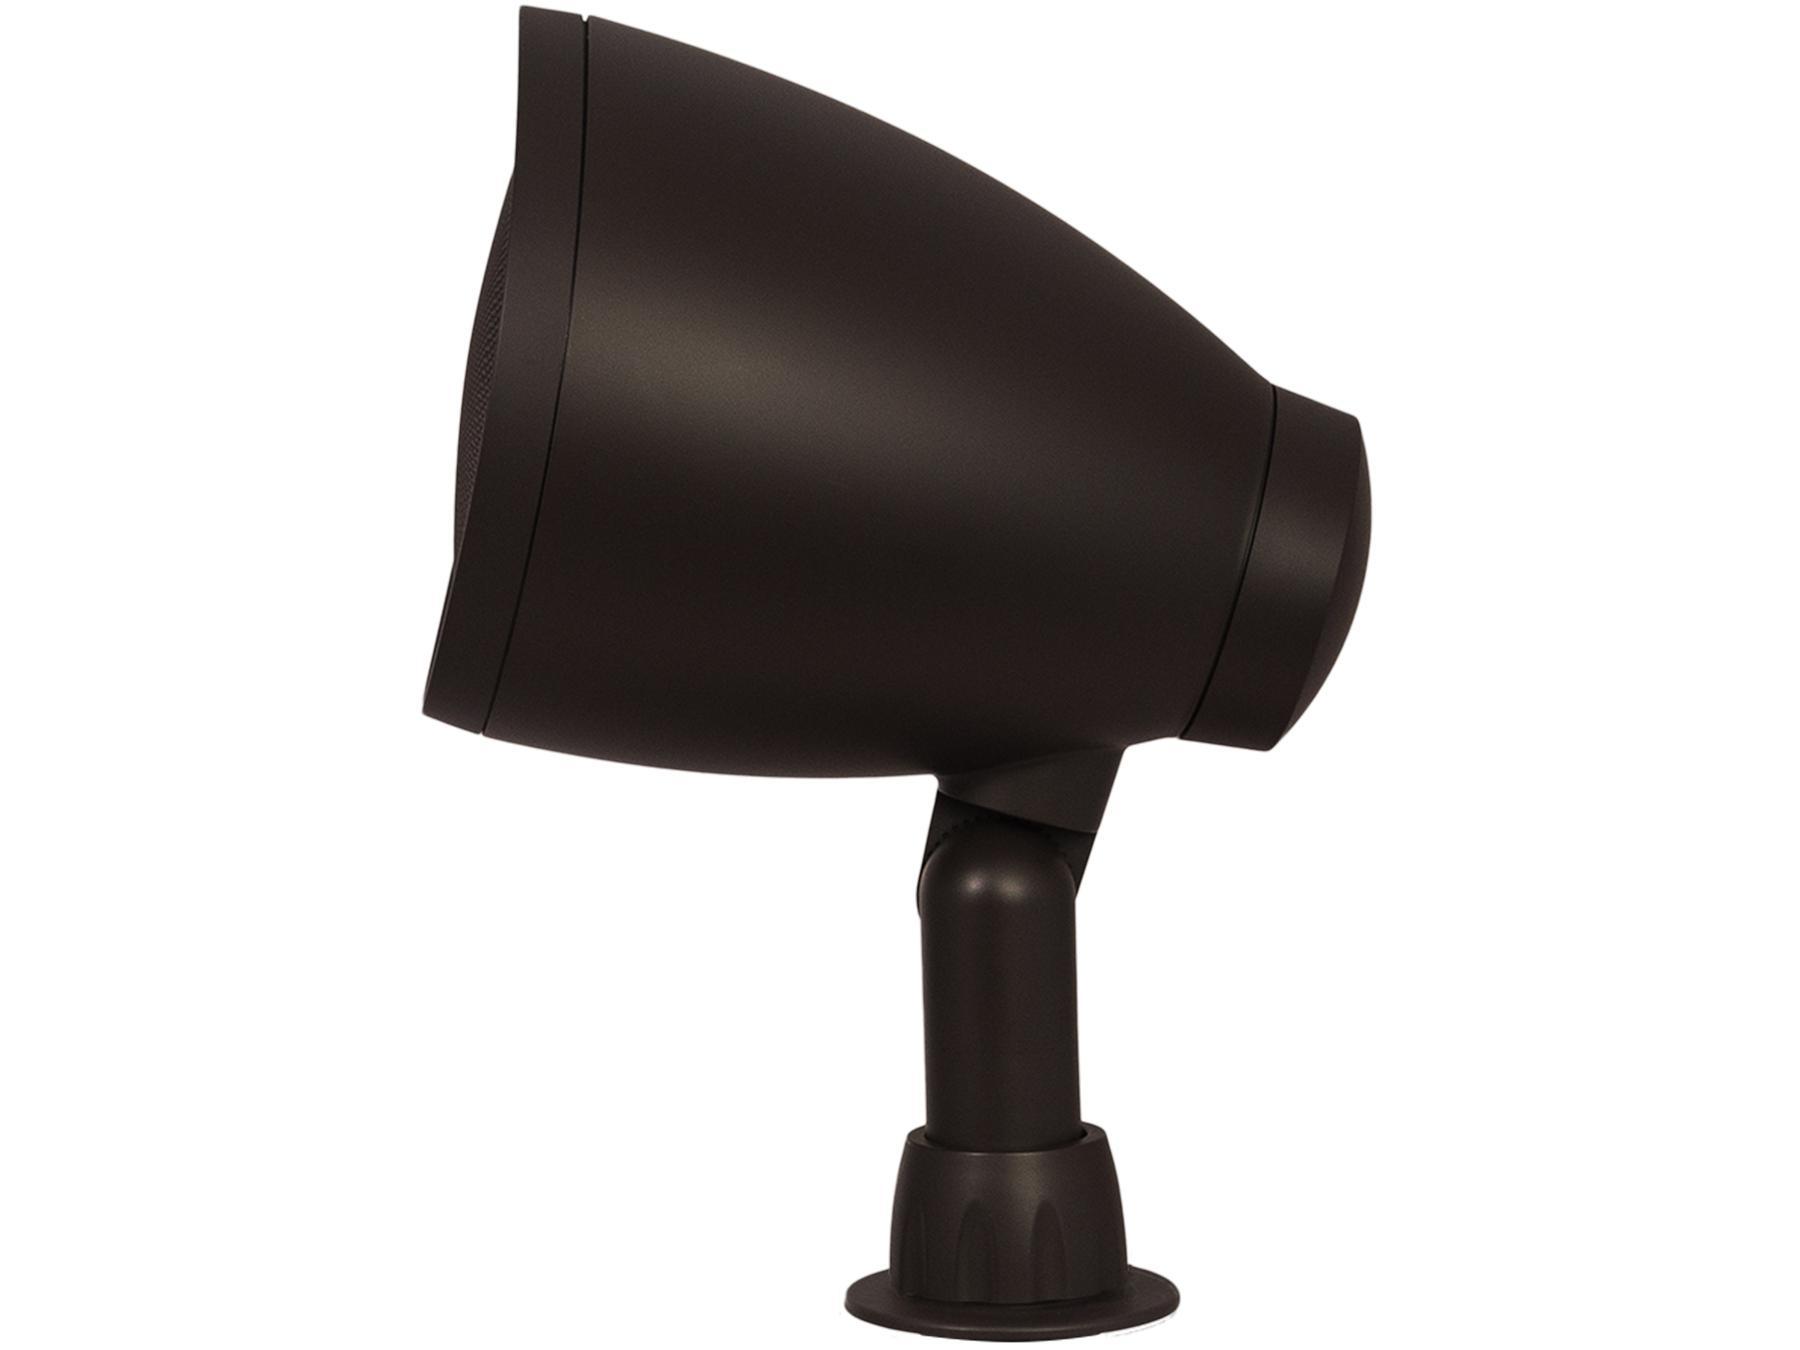 Niles NI-GS-6 6in 2-Way 70V/100V / 8Ohm Landscape Satellite Speaker